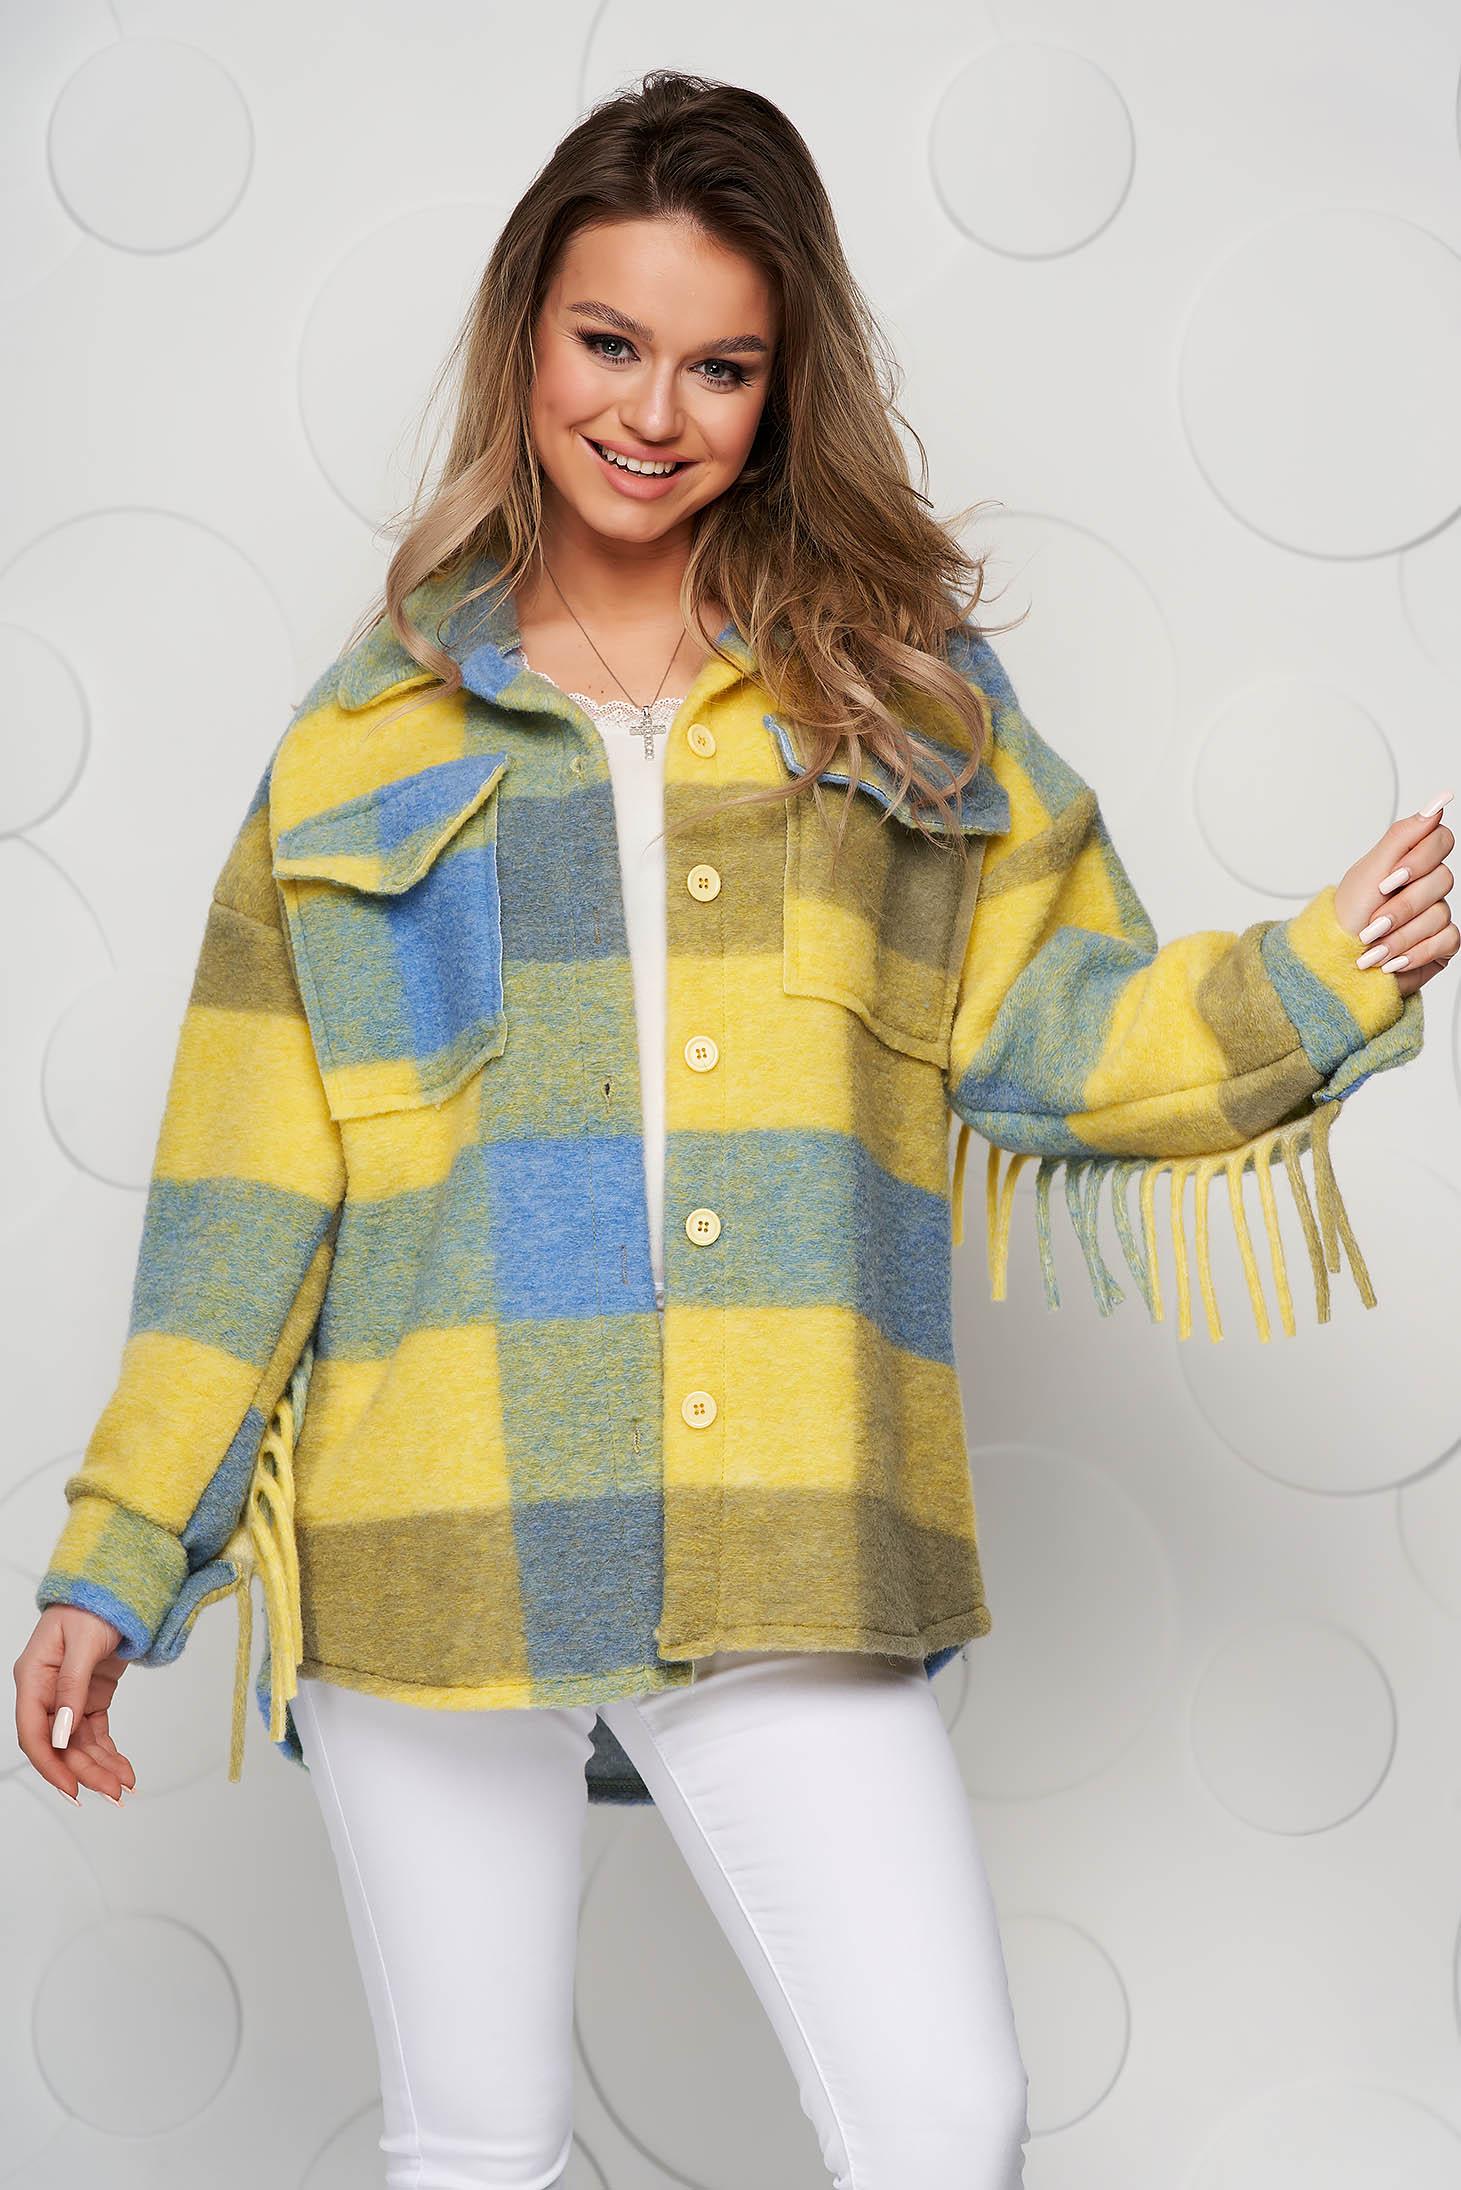 Rojtos bő szabású kék kockás női ing tipusú bolyhos anyagú kabát